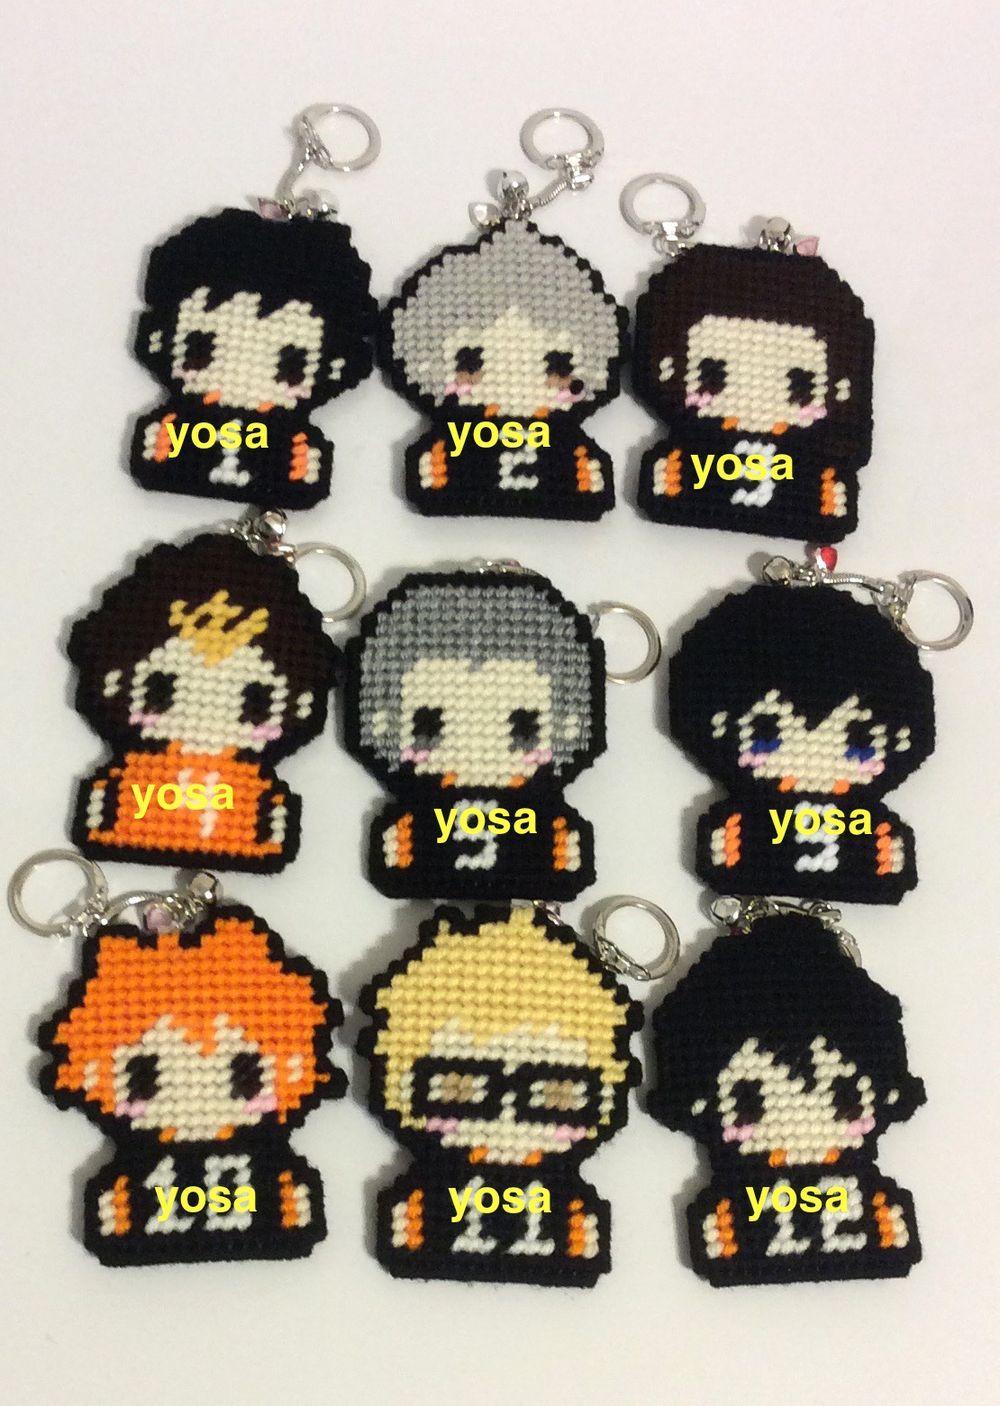 Haikyuu Karasuno Volleyball Team Chibi Cross Stitch Single Character Purse Dangle Or Keychain Charm Via Yosa Chan Cross Stitch Cross Stitch Patterns Stitch